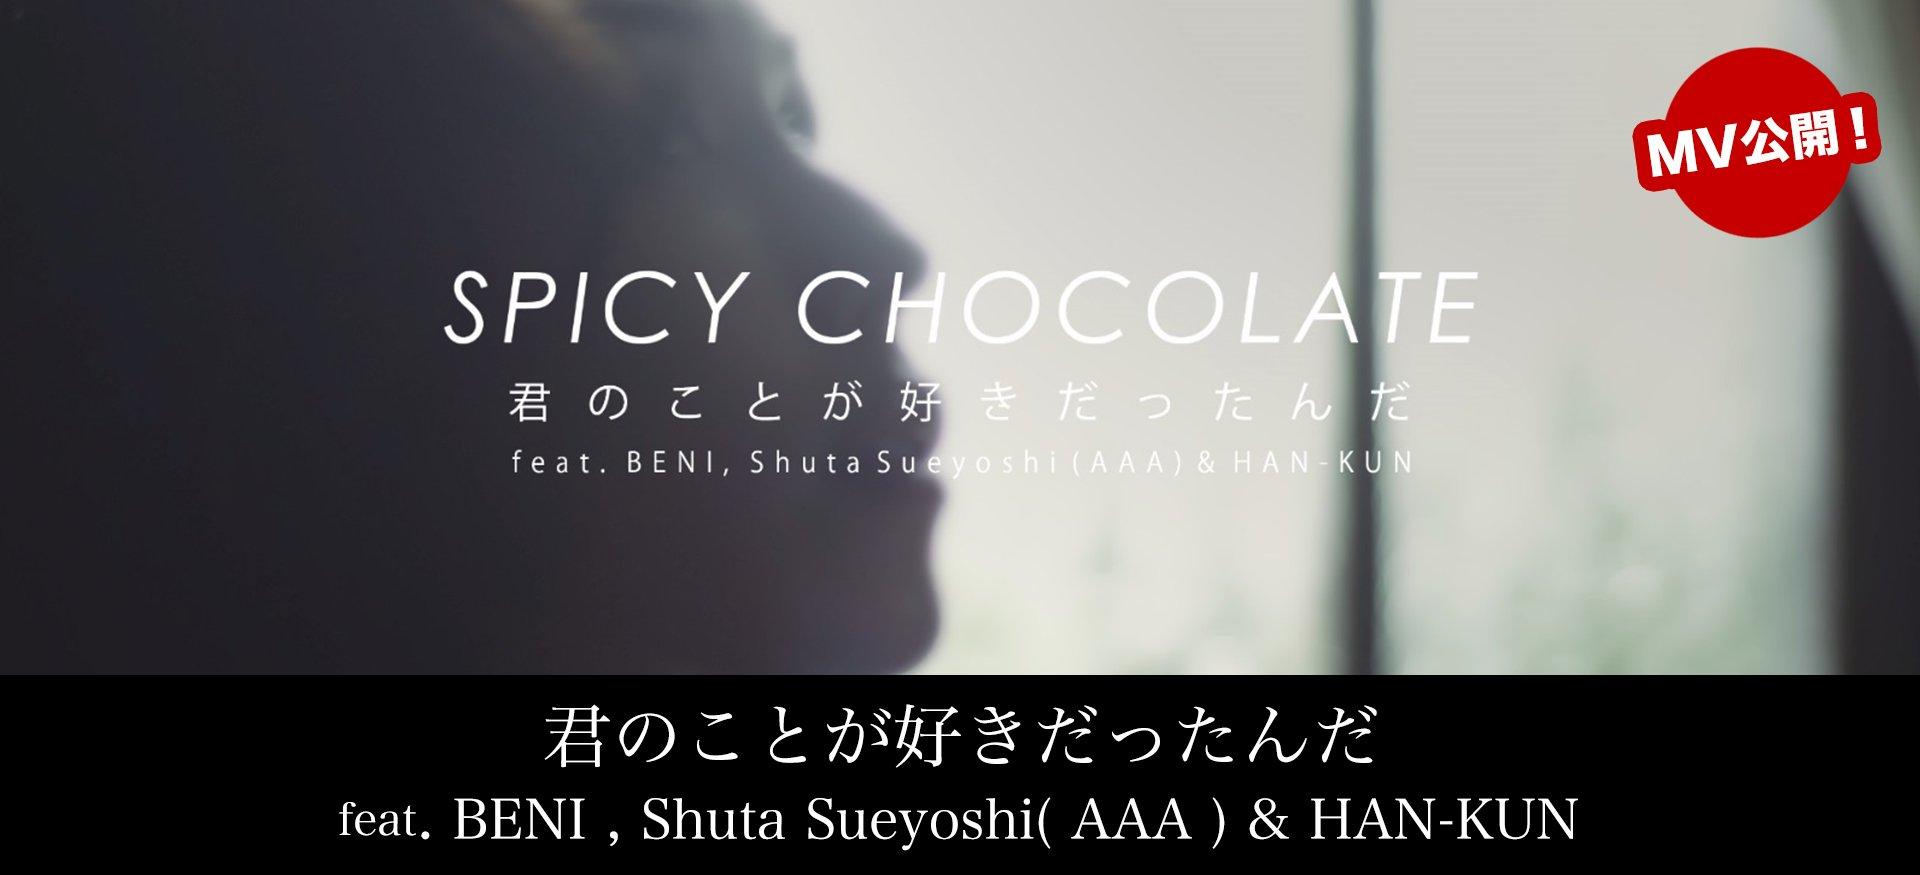 君のことが好きだったんだ feat. BENI, Shuta Sueyoshi(AAA) & HAN-KUN